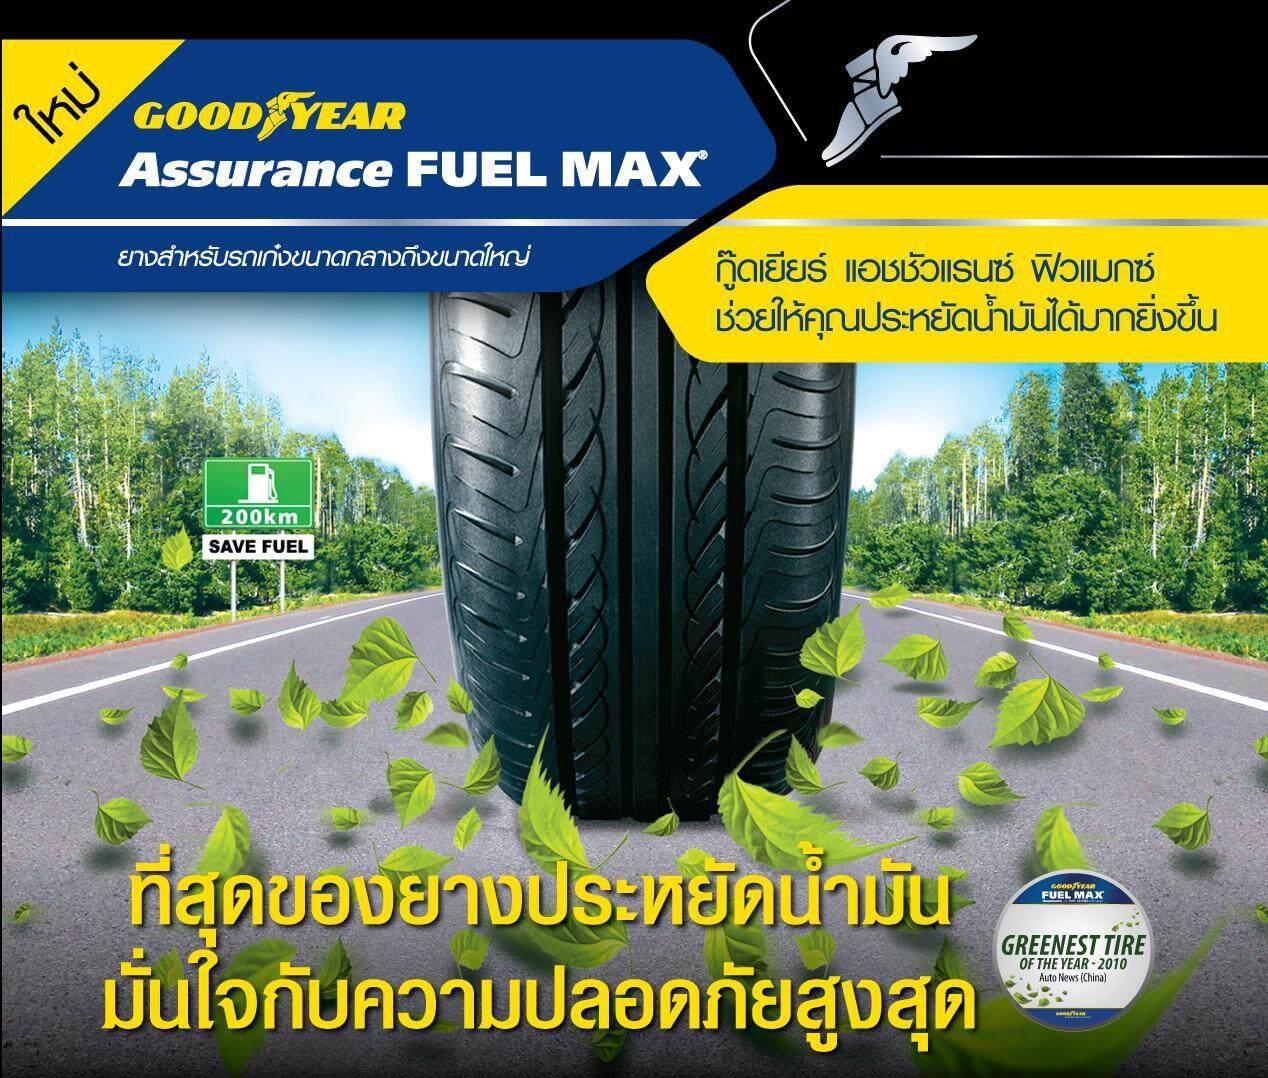 ปทุมธานี GOODYEAR ยางรถยนต์ 205/60R16 (ล้อขอบ16) รุ่น FUEL MAX 4 เส้น (ใหม่กริ๊ปปี2019)